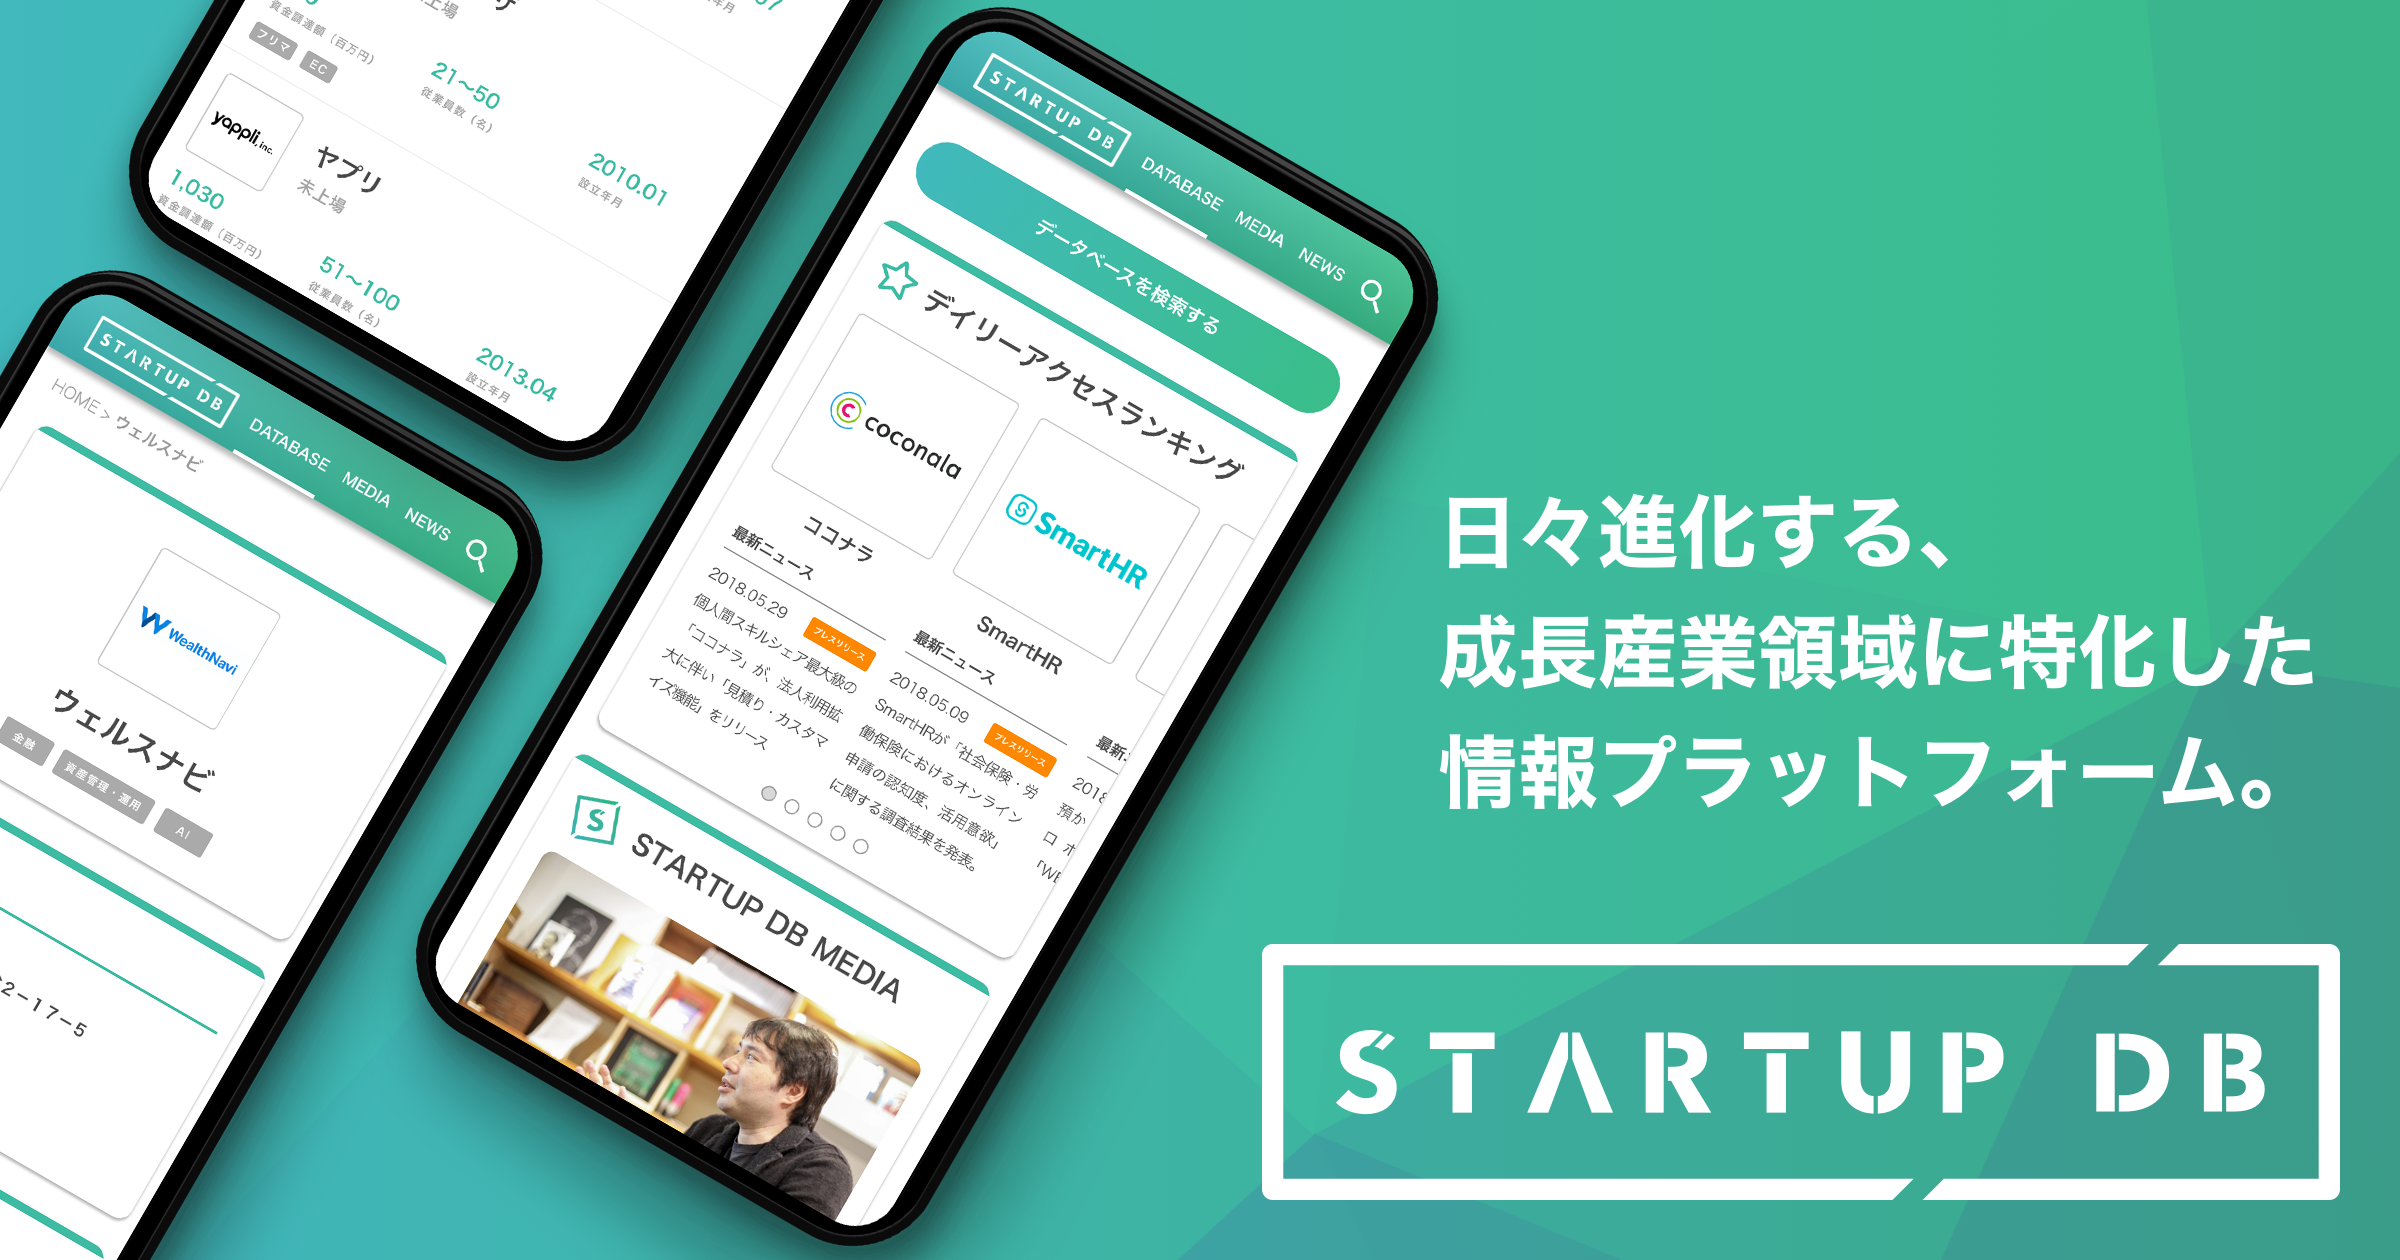 フォースタートアップス, 成長産業領域に特化した情報プラットフォーム 「STARTUP DB(スタートアップデータベース)」をリリース